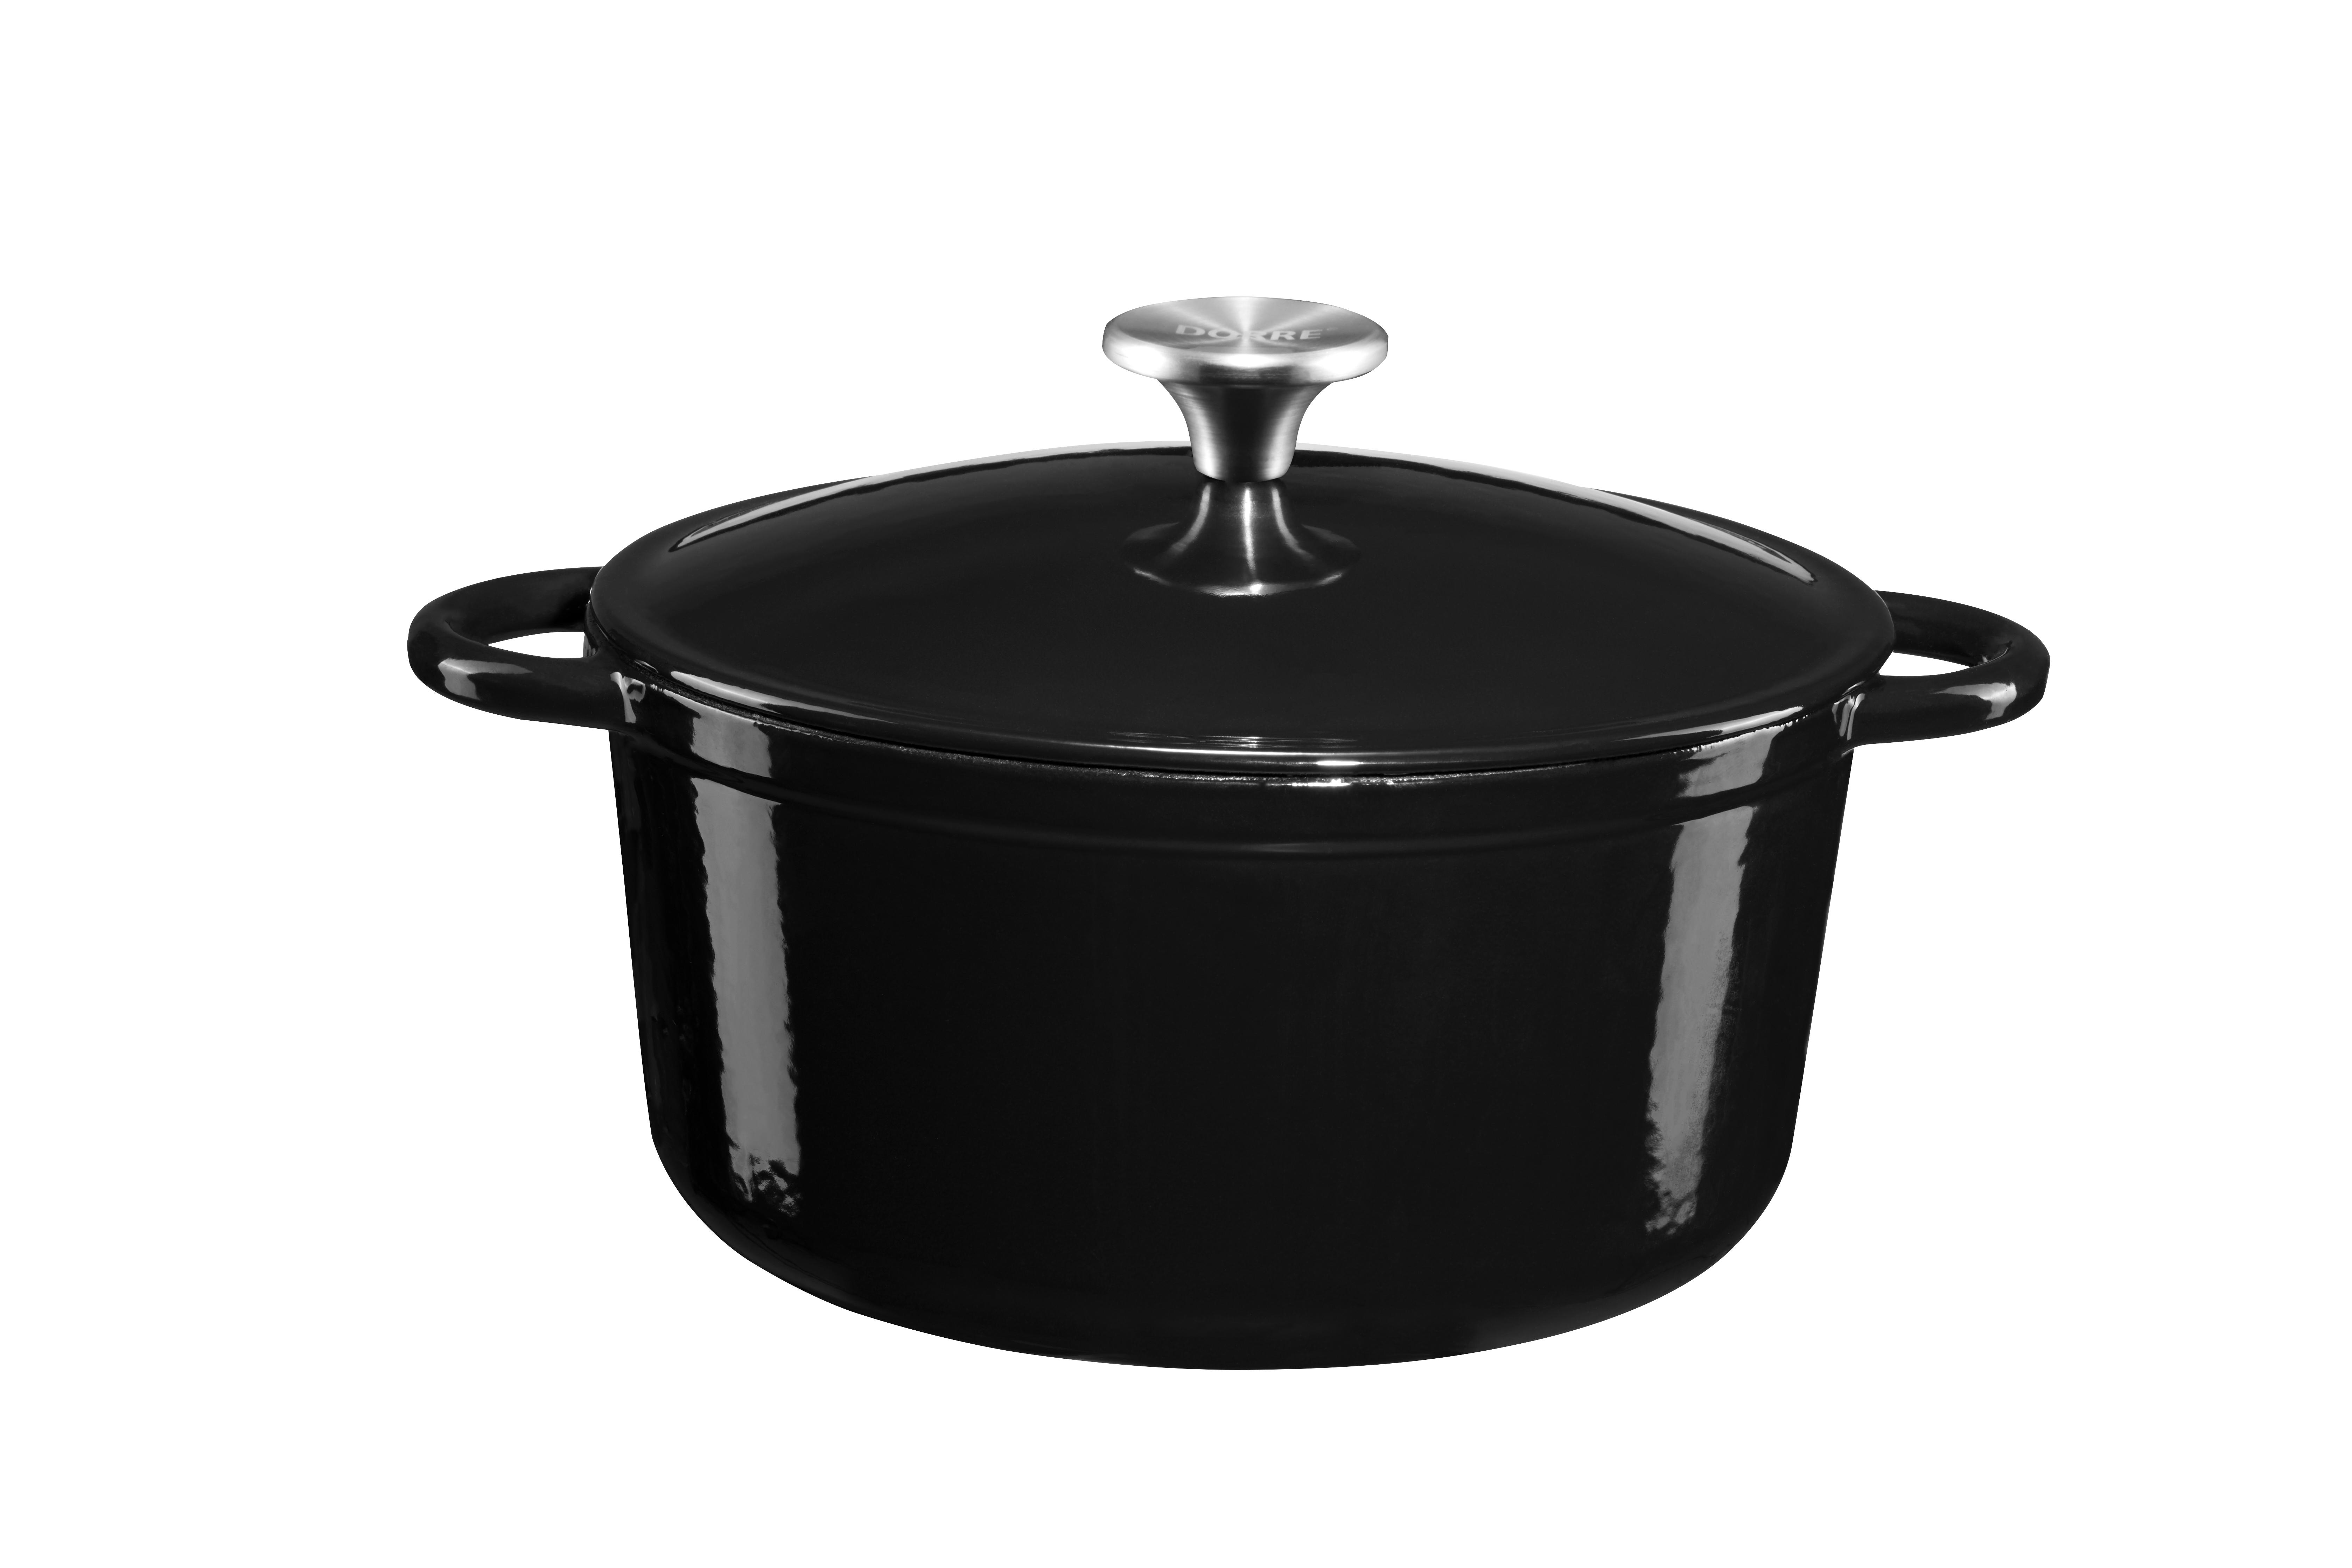 Gretl Gjutjärnsgryta rund svart emalj knopp rostfirtt stål 4 liter